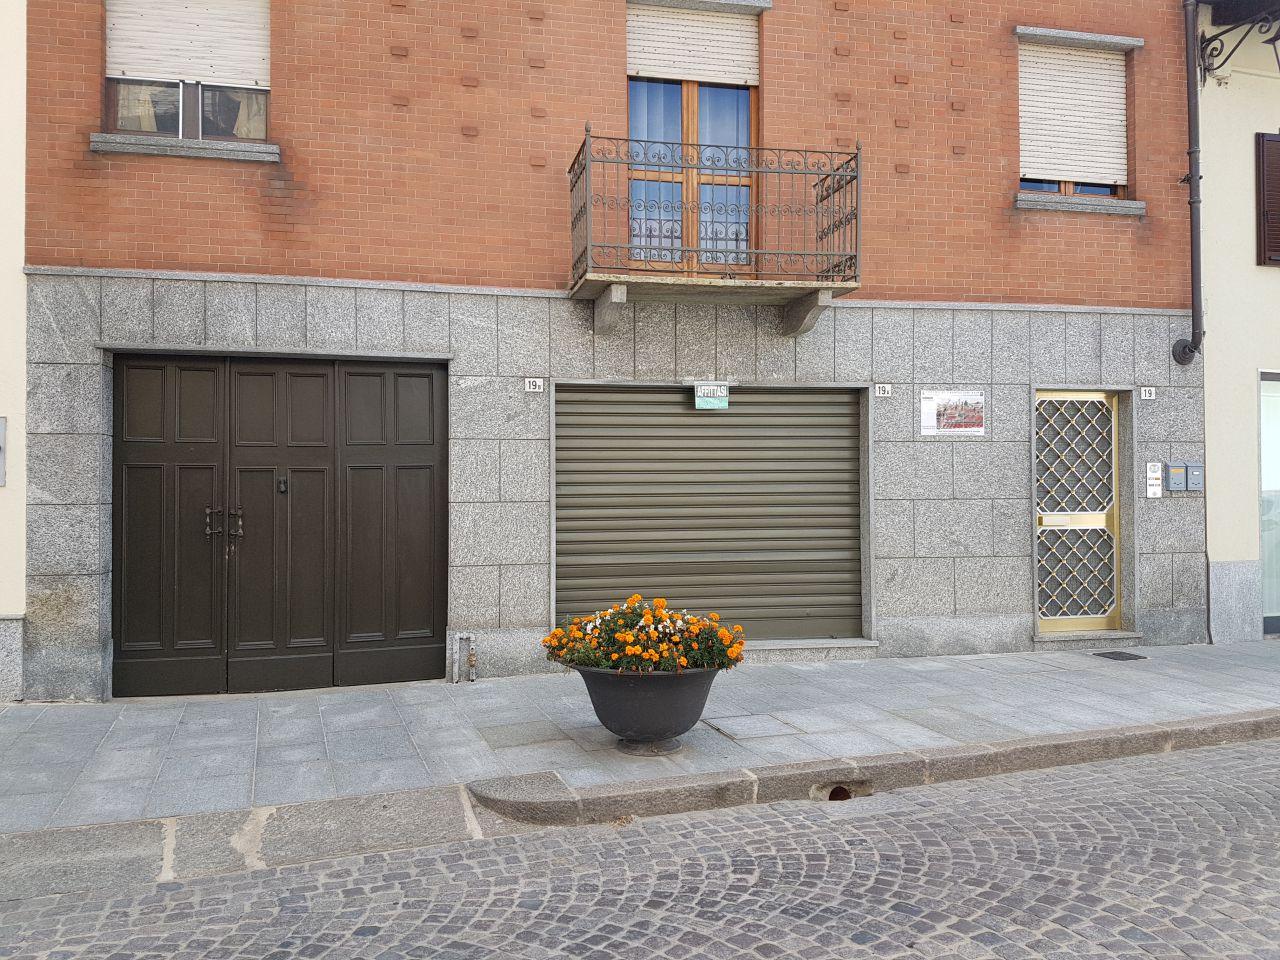 Negozio / Locale in affitto a Saluggia, 1 locali, prezzo € 370 | PortaleAgenzieImmobiliari.it